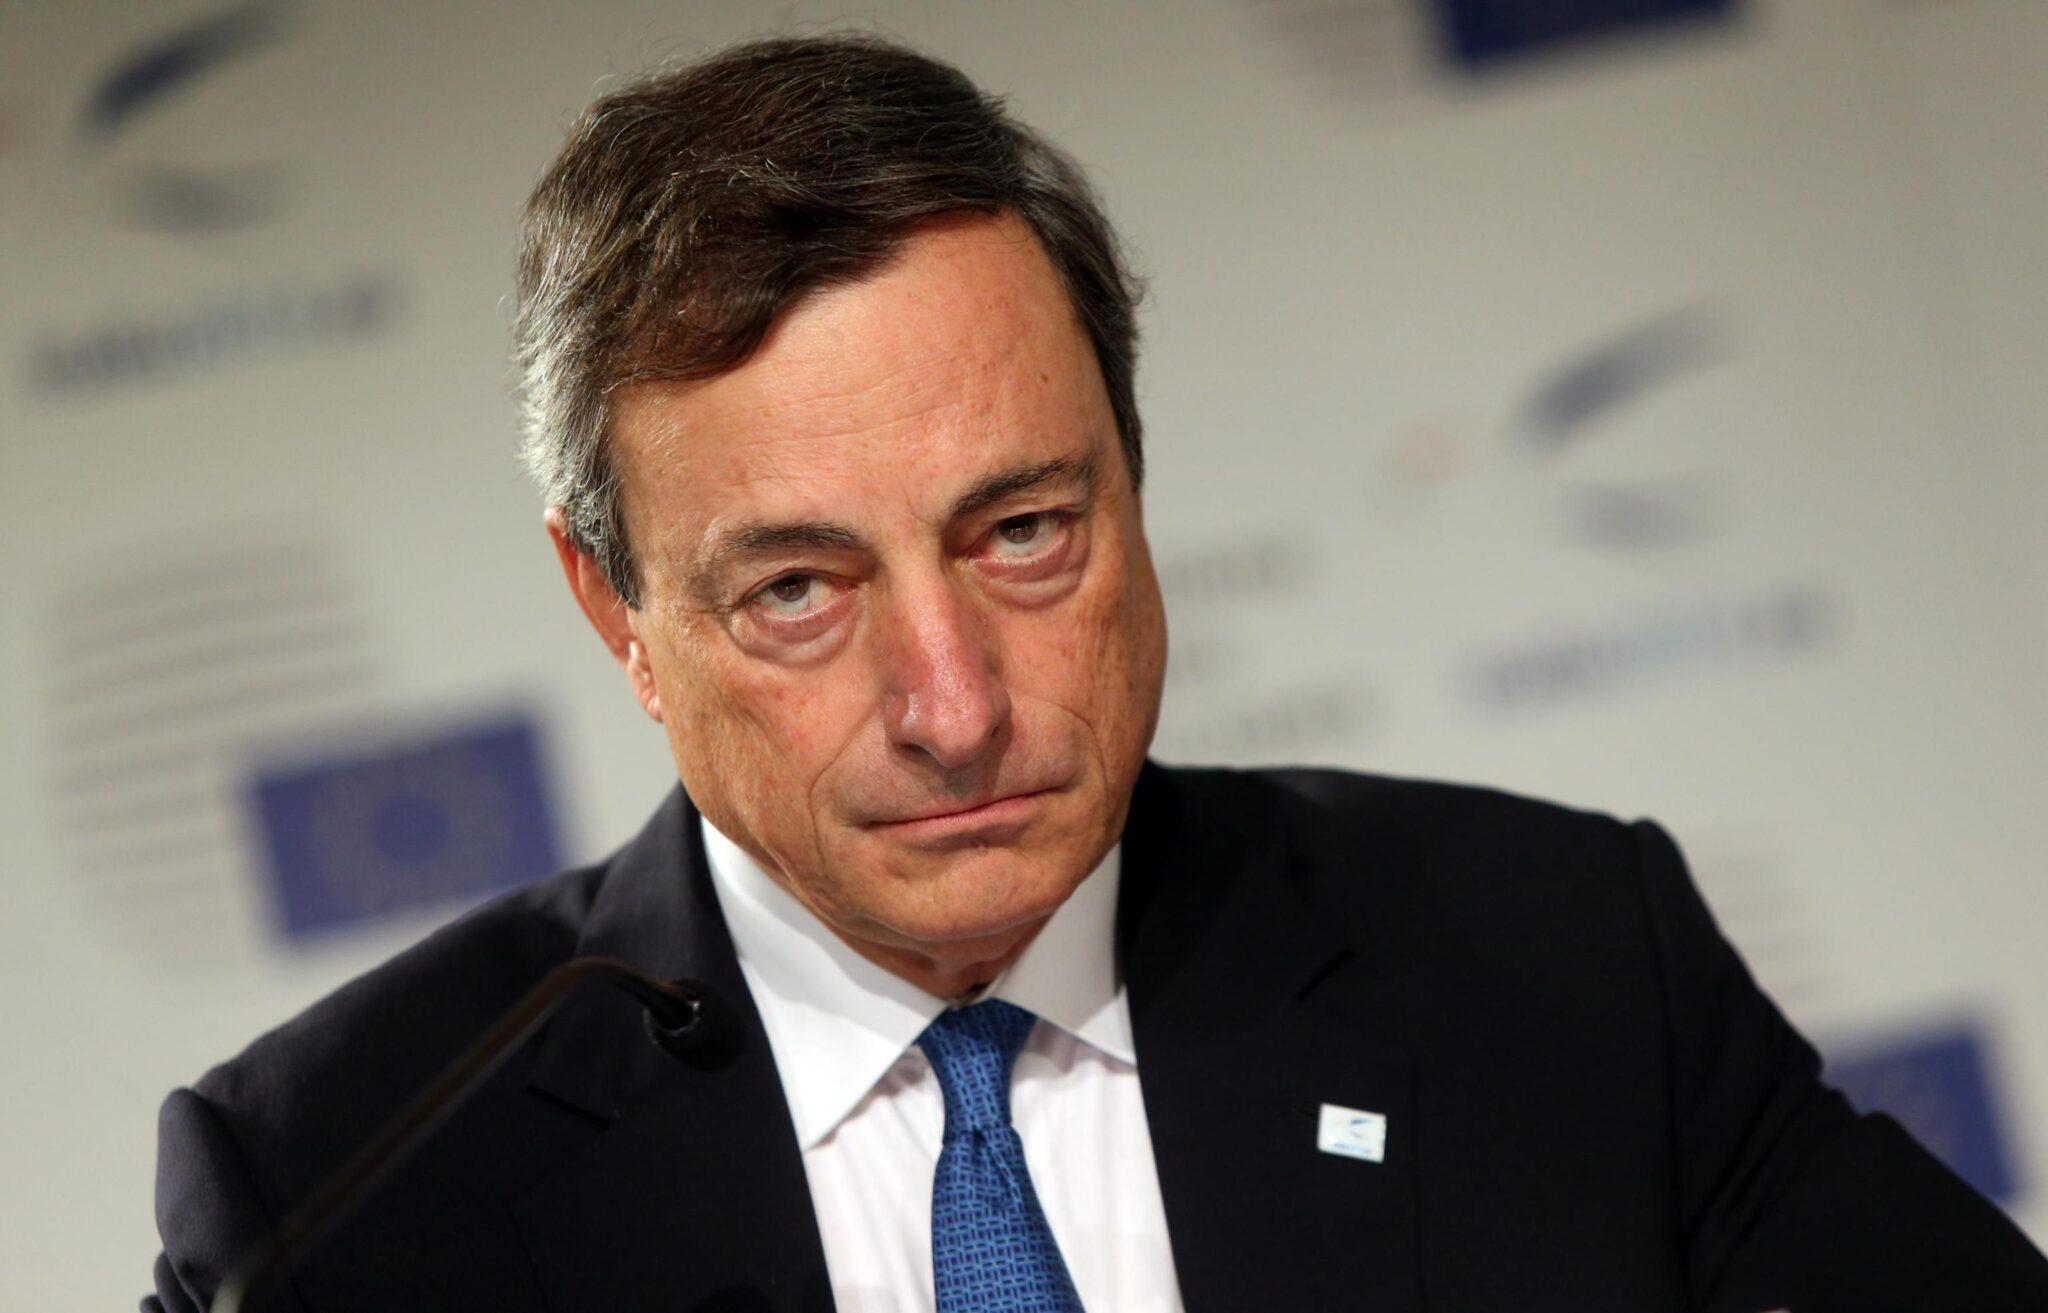 Crisi di governo: Draghi al Quirnale, gli scenari